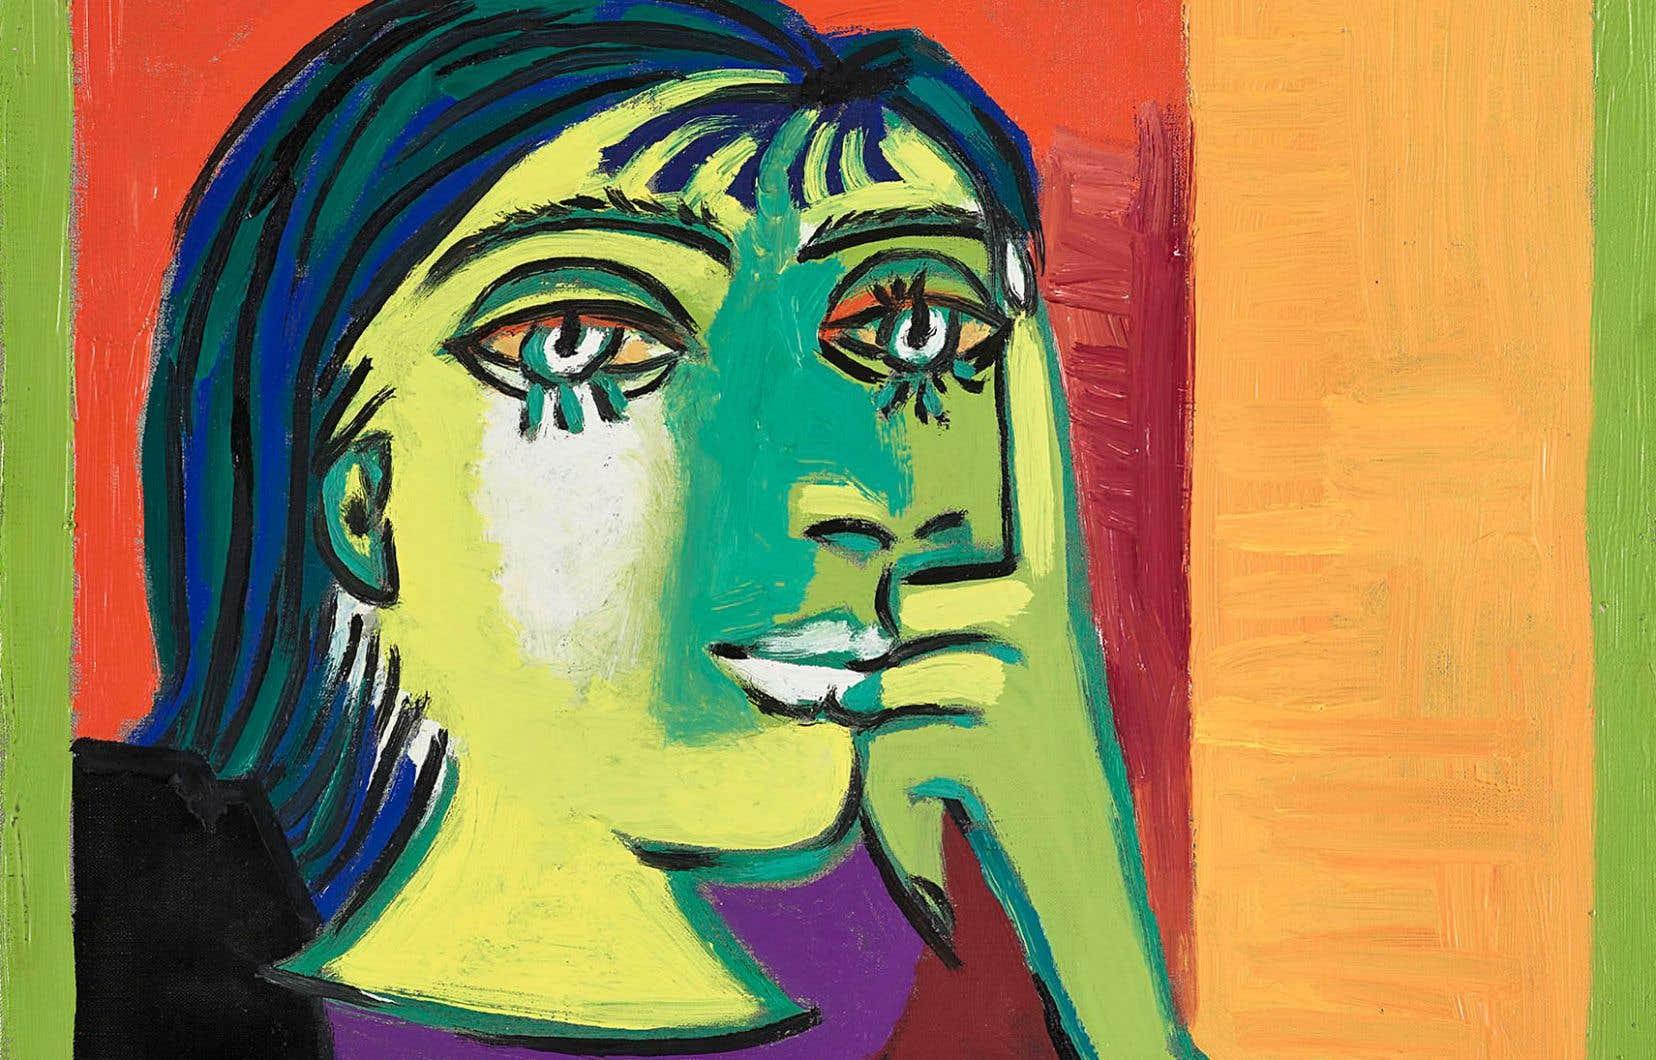 Pablo Picasso, «Portrait de Dora Maar», 1937. Huile sur toile, 55,3 x 46,3 cm (détail).